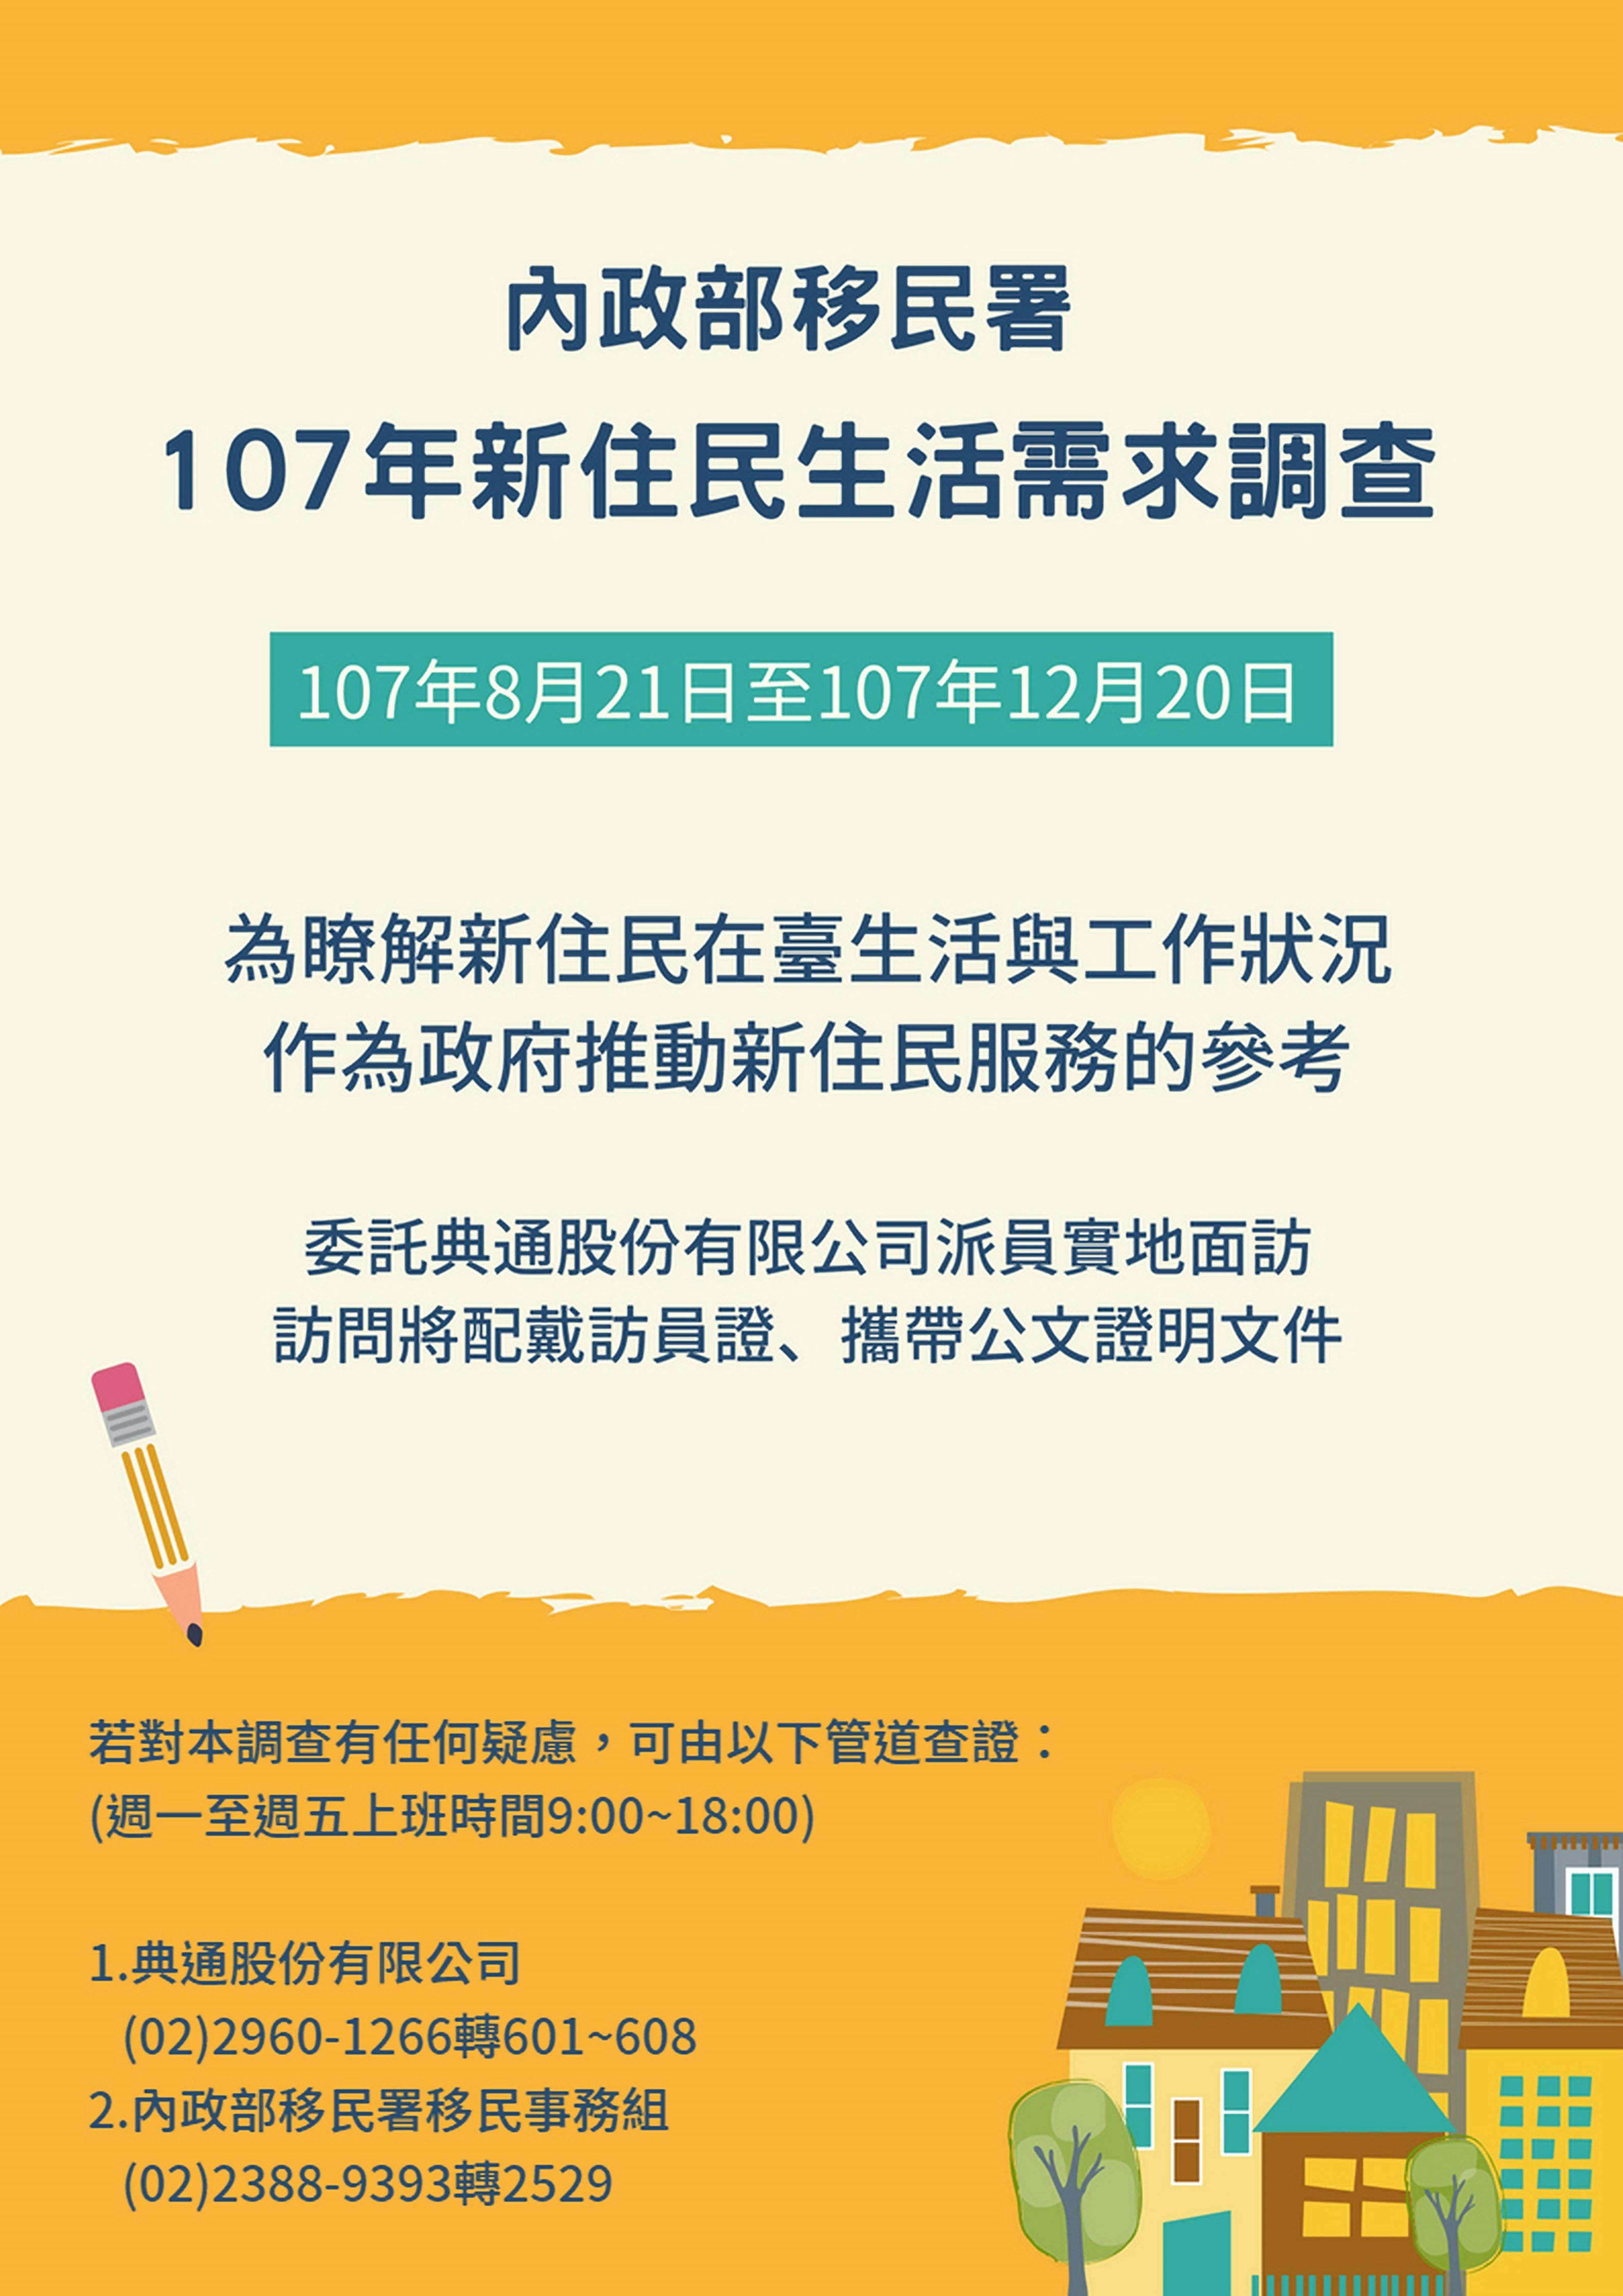 內政部移民署訂於107年8月21日起至107年12月20日止,進行「107年新住民生活需求調查」,敬請新移民協助配合受訪。(8-11)